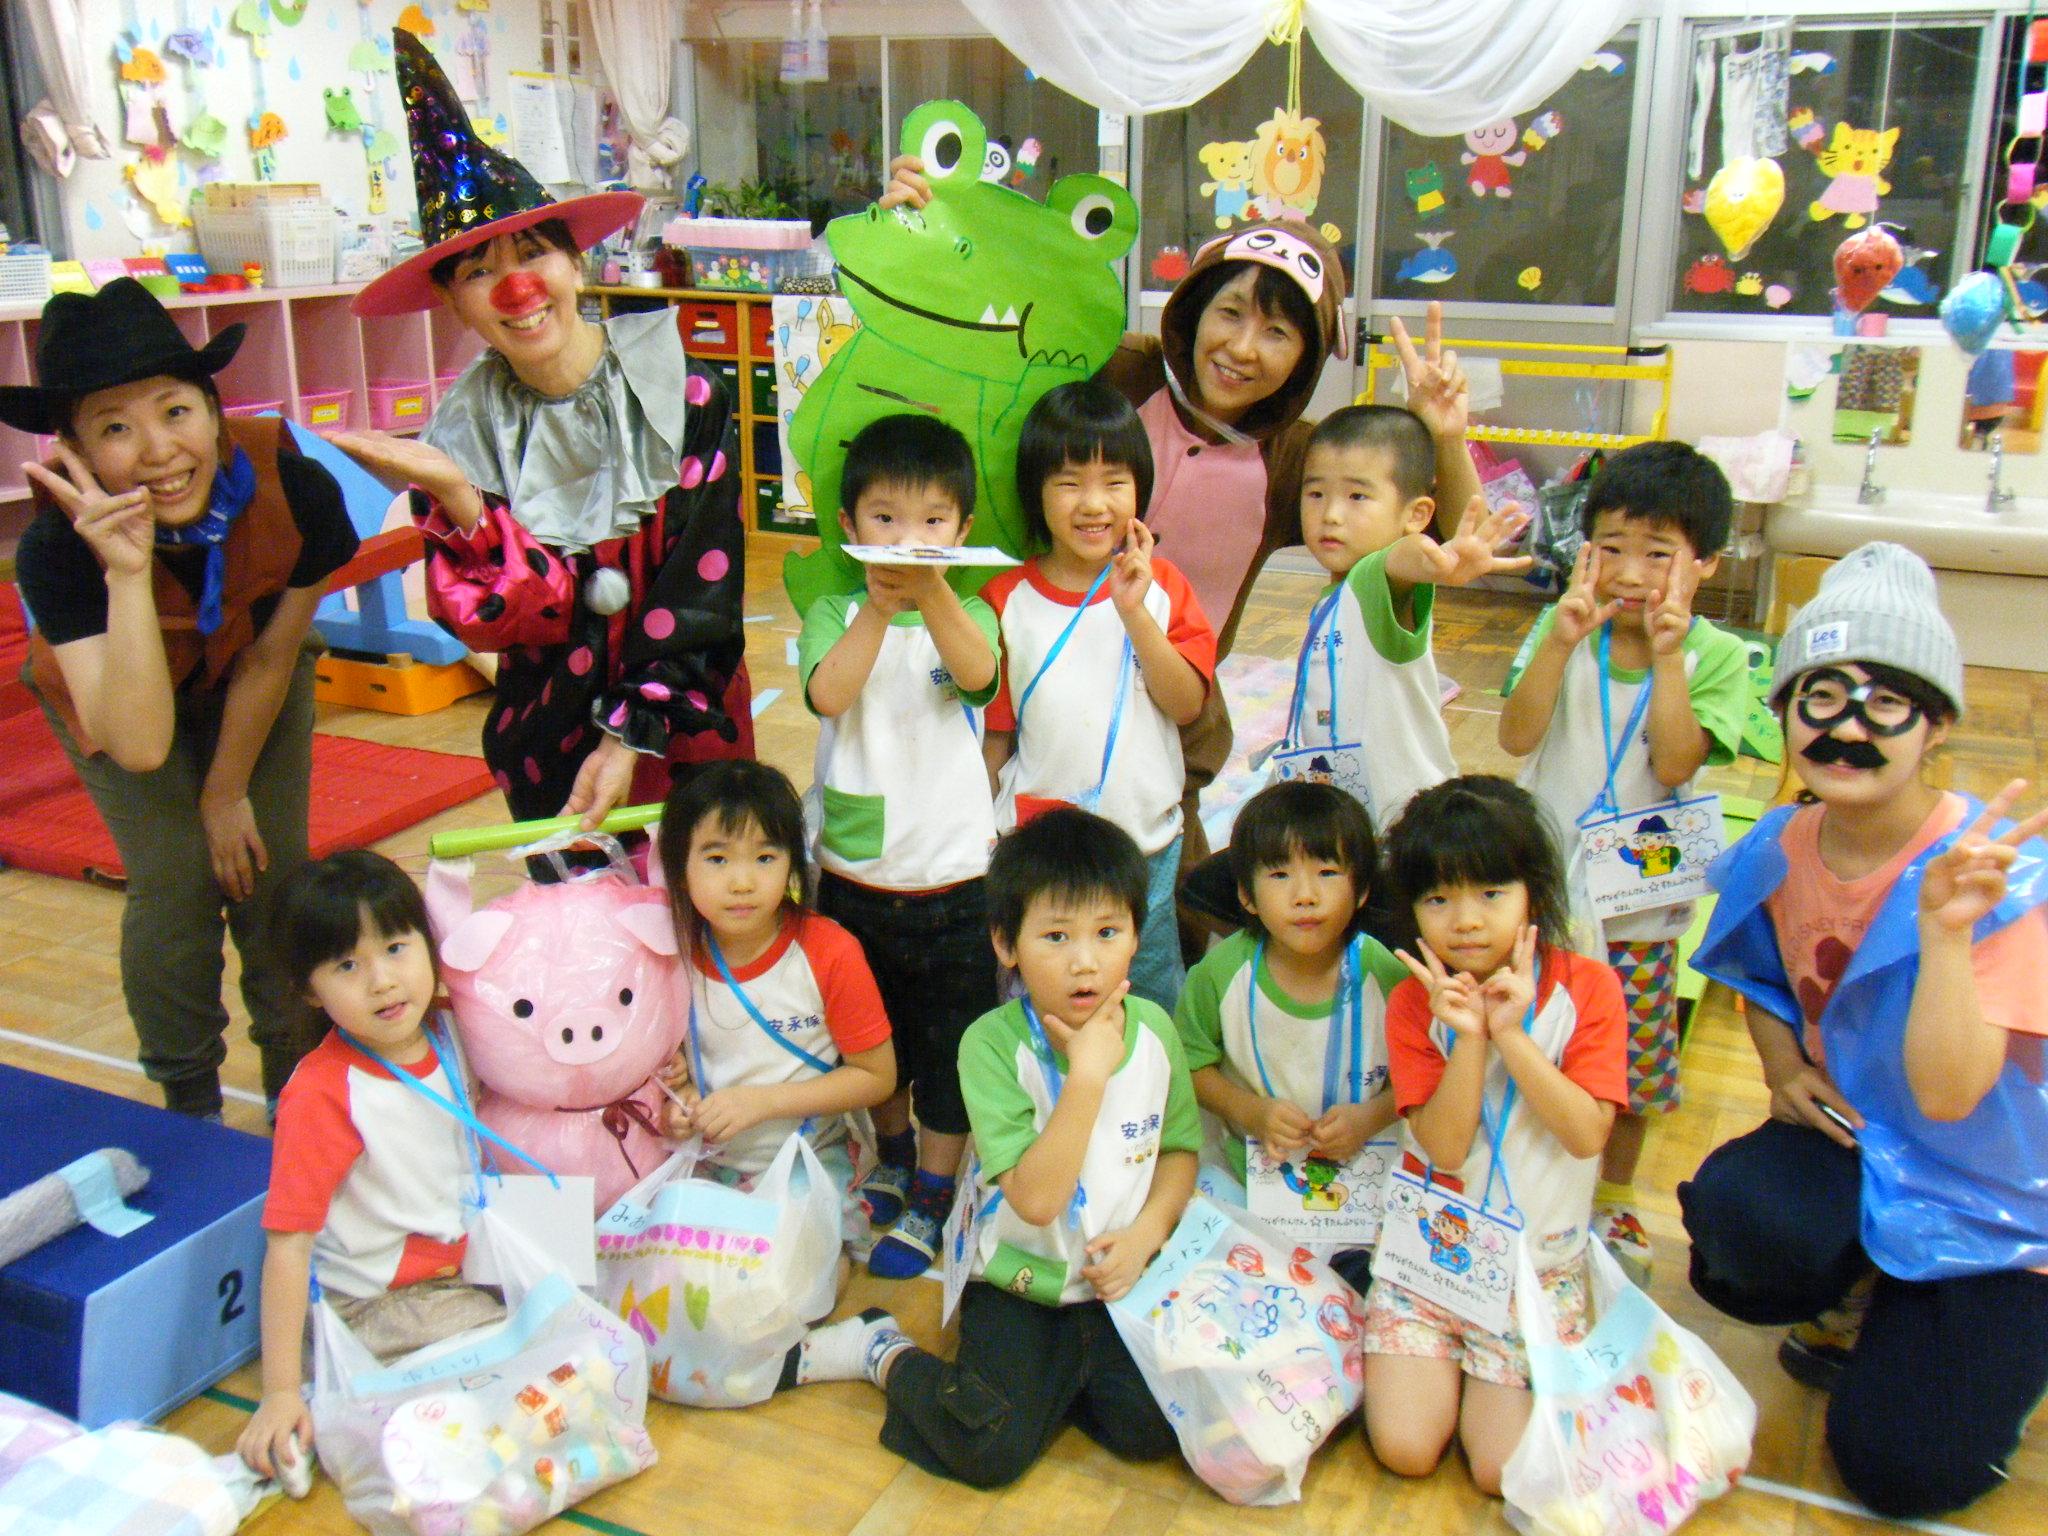 三重県]安永保育園- 保育園・幼稚園の求人情報サイト「ぽらナビ」